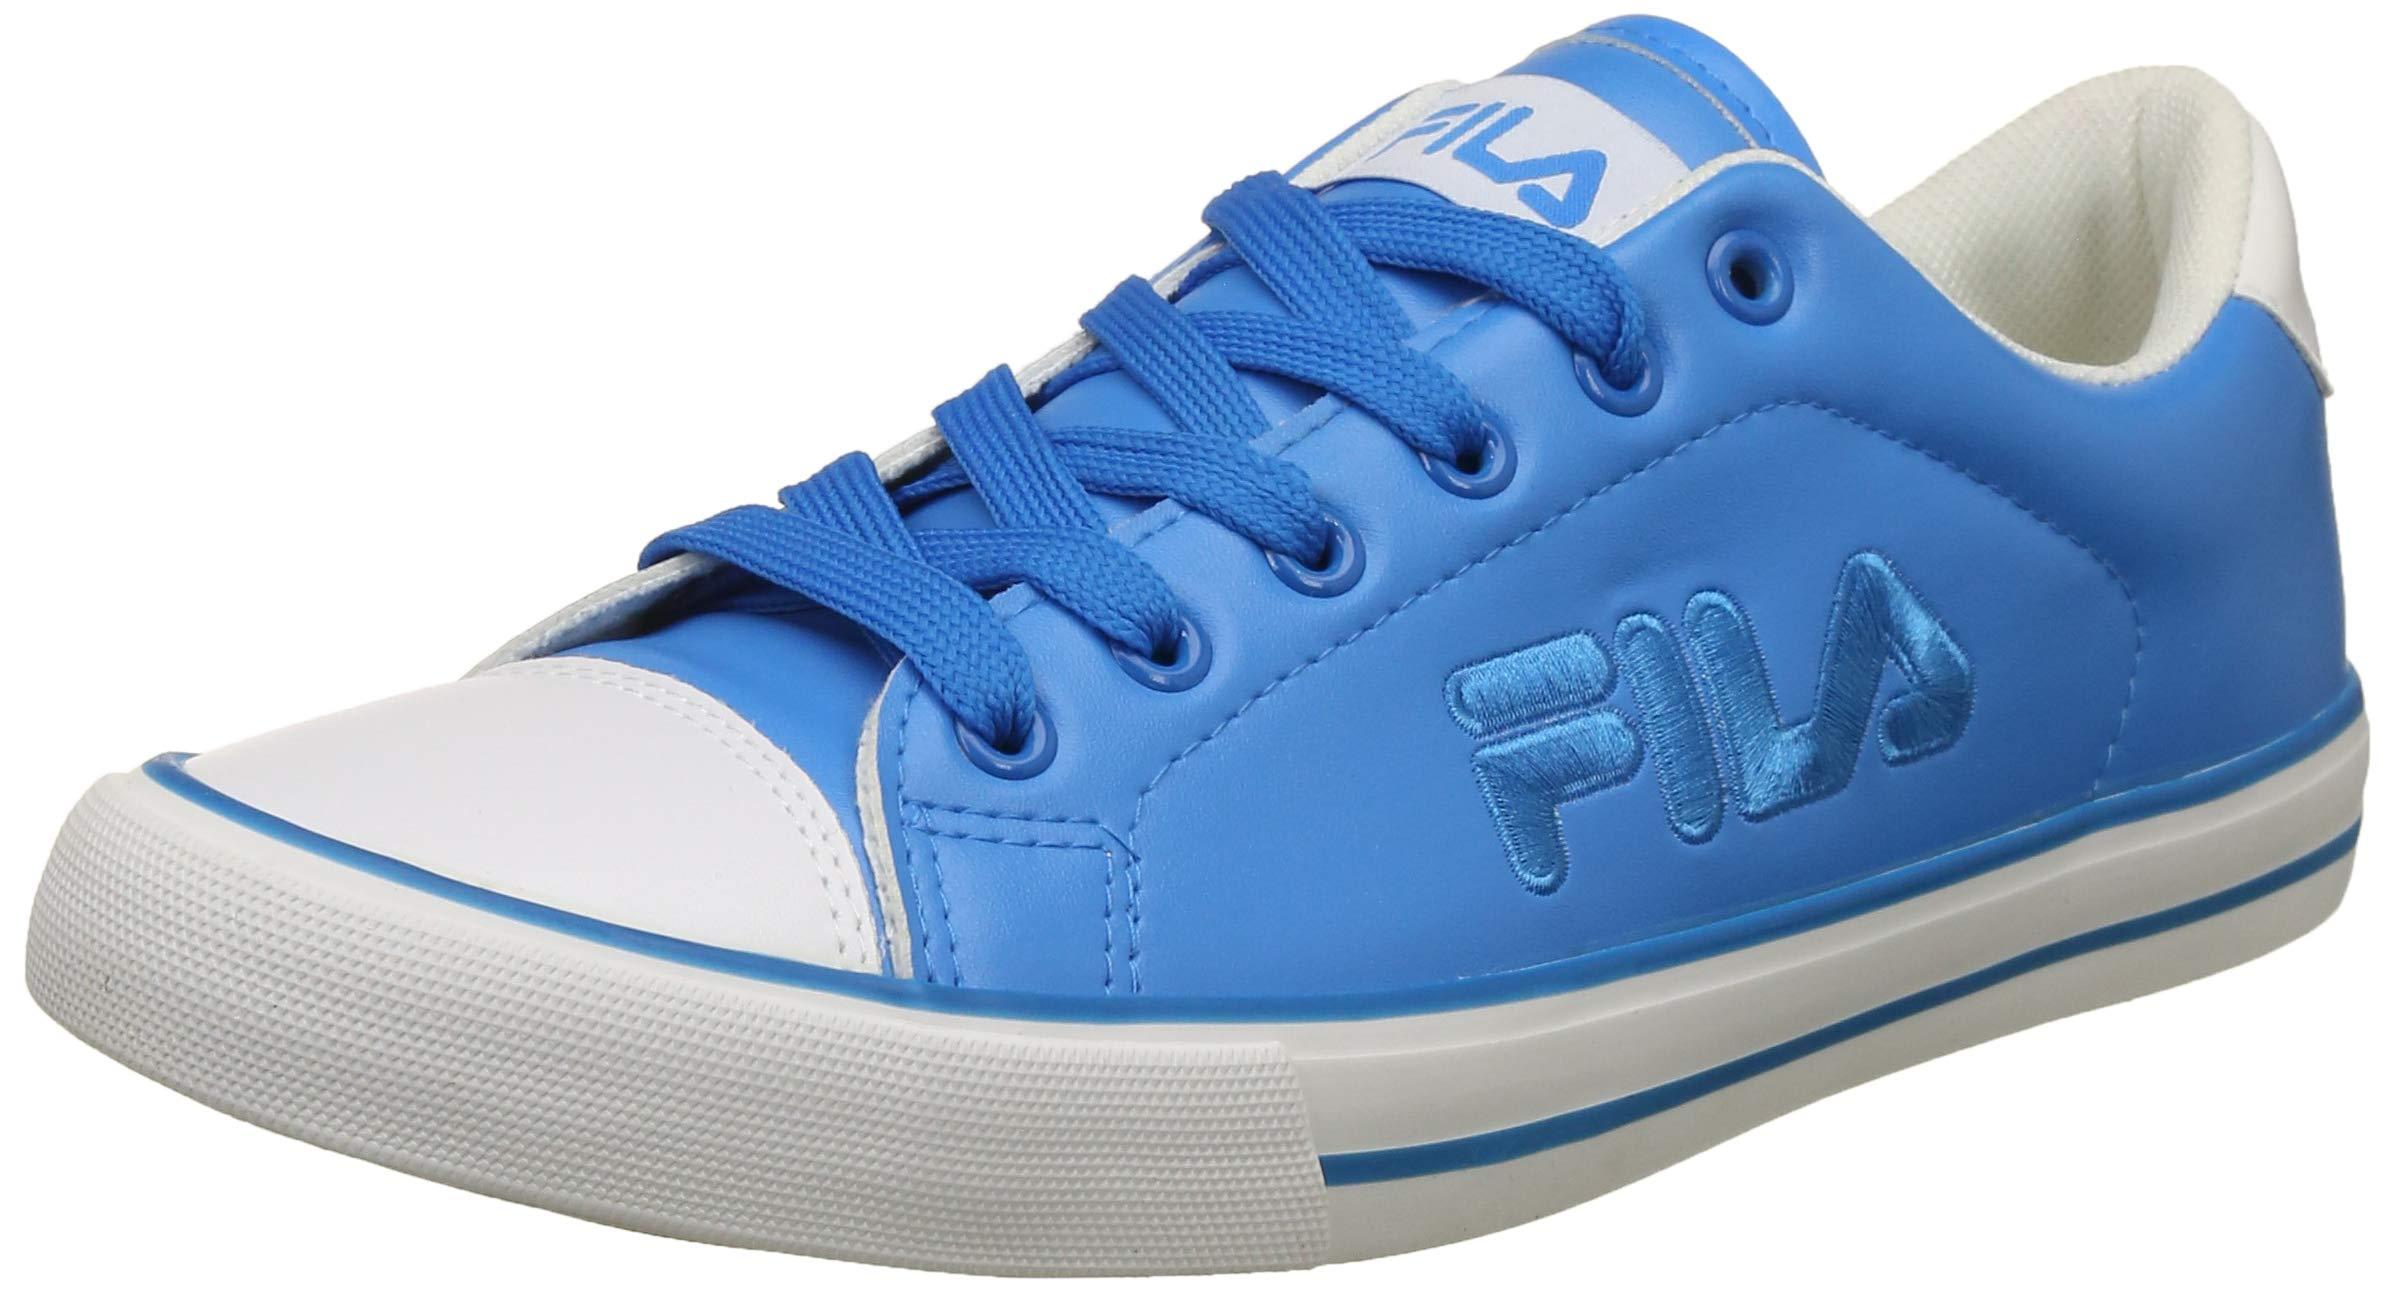 Fila Men's Zoomer Sneakers- Buy Online